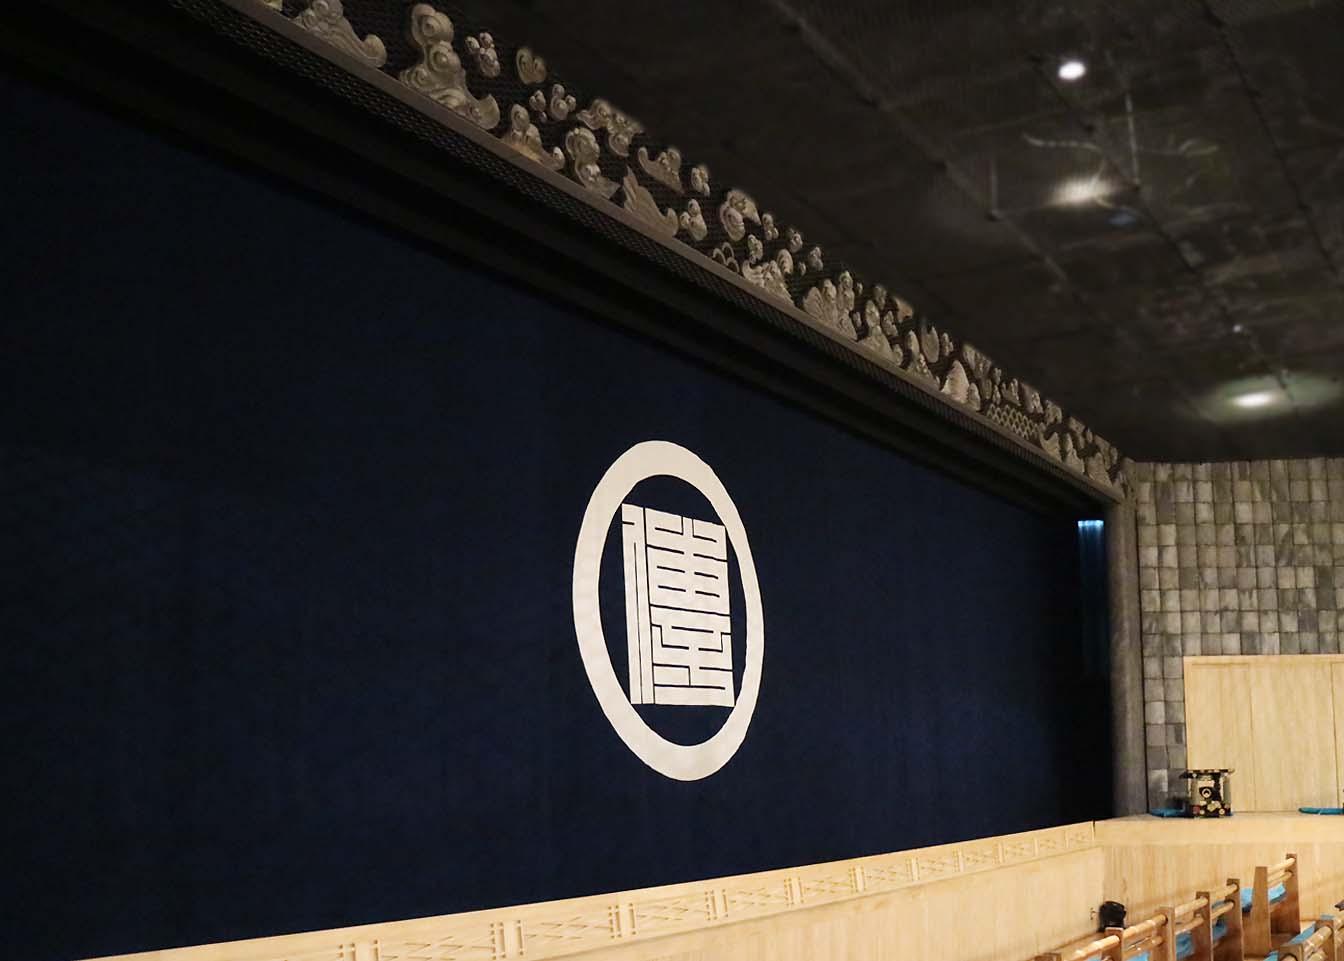 劇場の壁には淡路島特産の瓦を使用。昭和時代のいぶし瓦は一つひとつ異なる風合です